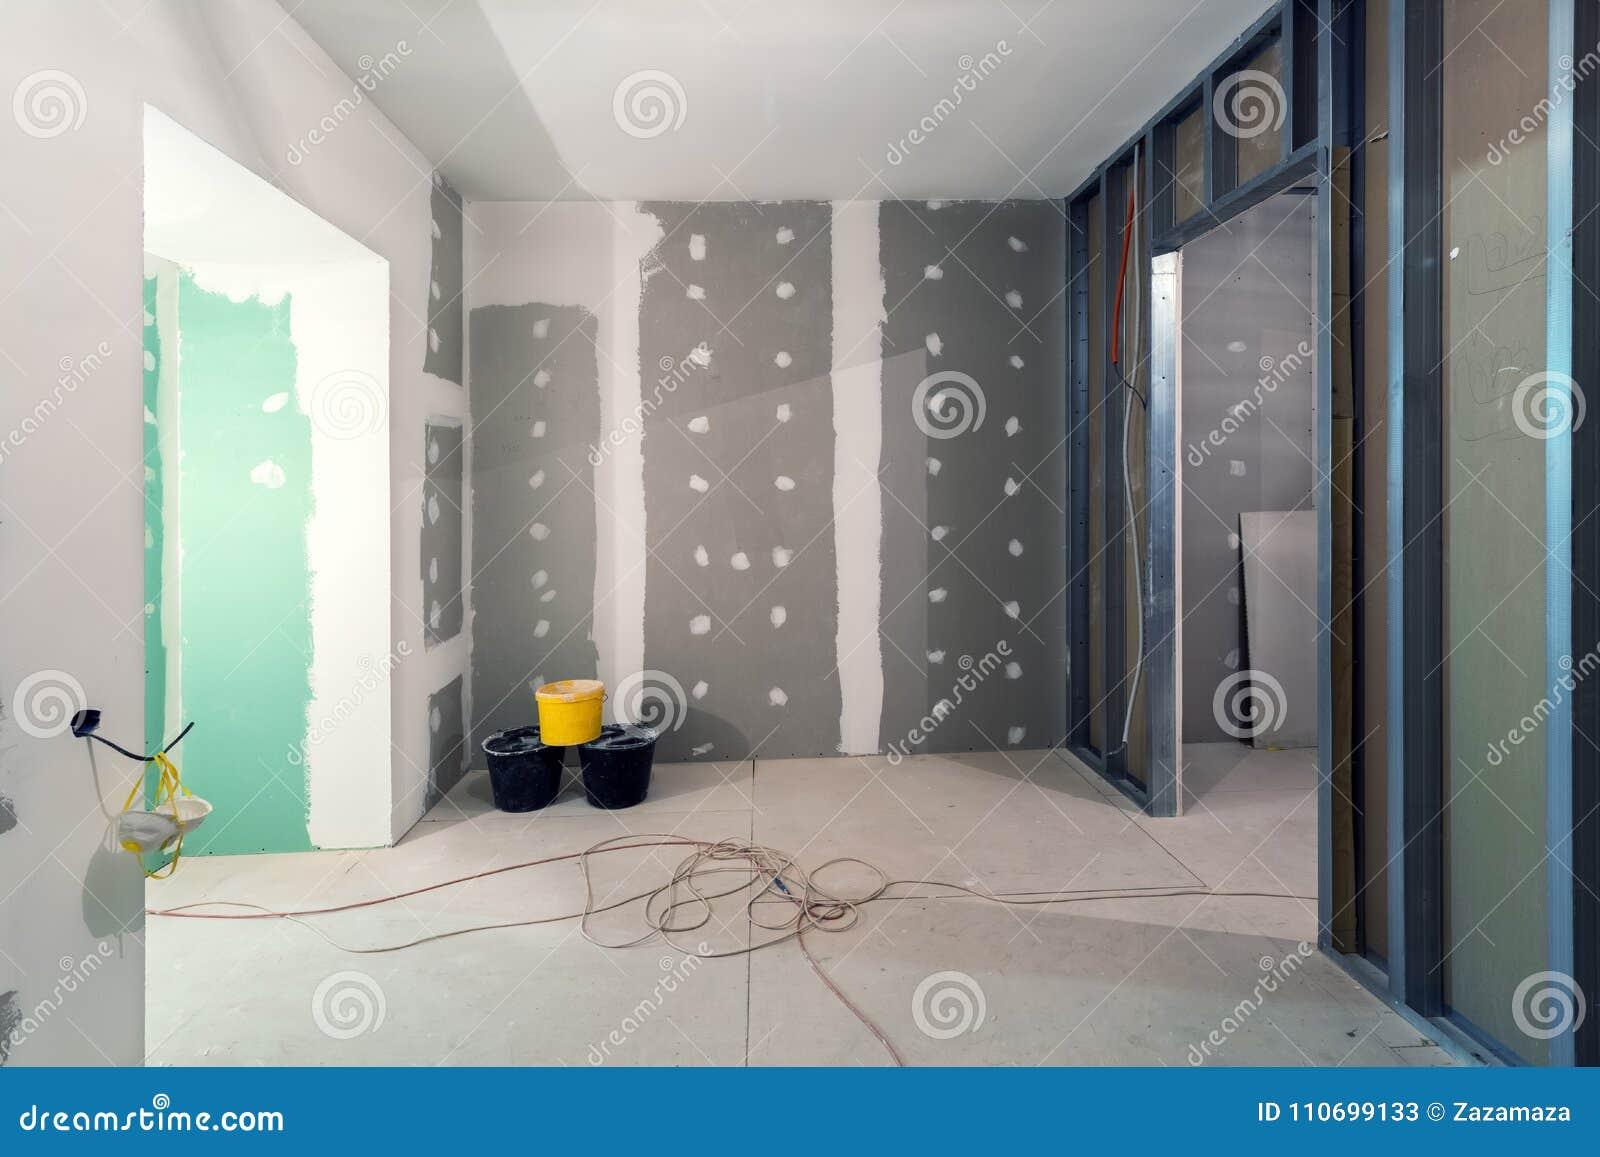 Le strutture del metallo ed il muro a secco del pannello di carta e gesso per le pareti del gesso, tre secchi e cavi elettrici in